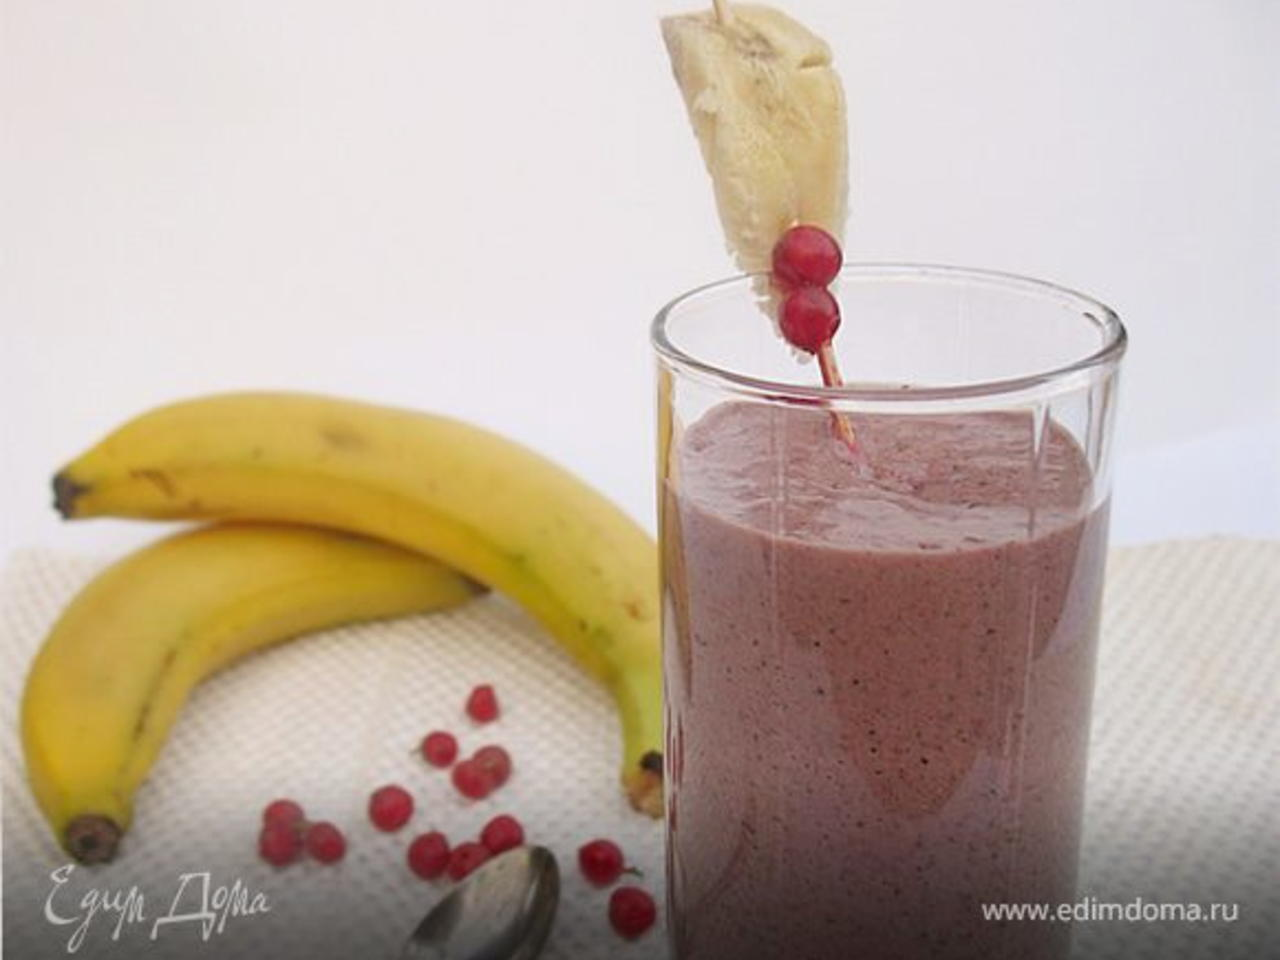 Ягодно-банановый смузи (с финиками и семенем льна)   вкусно и полезно (vip)